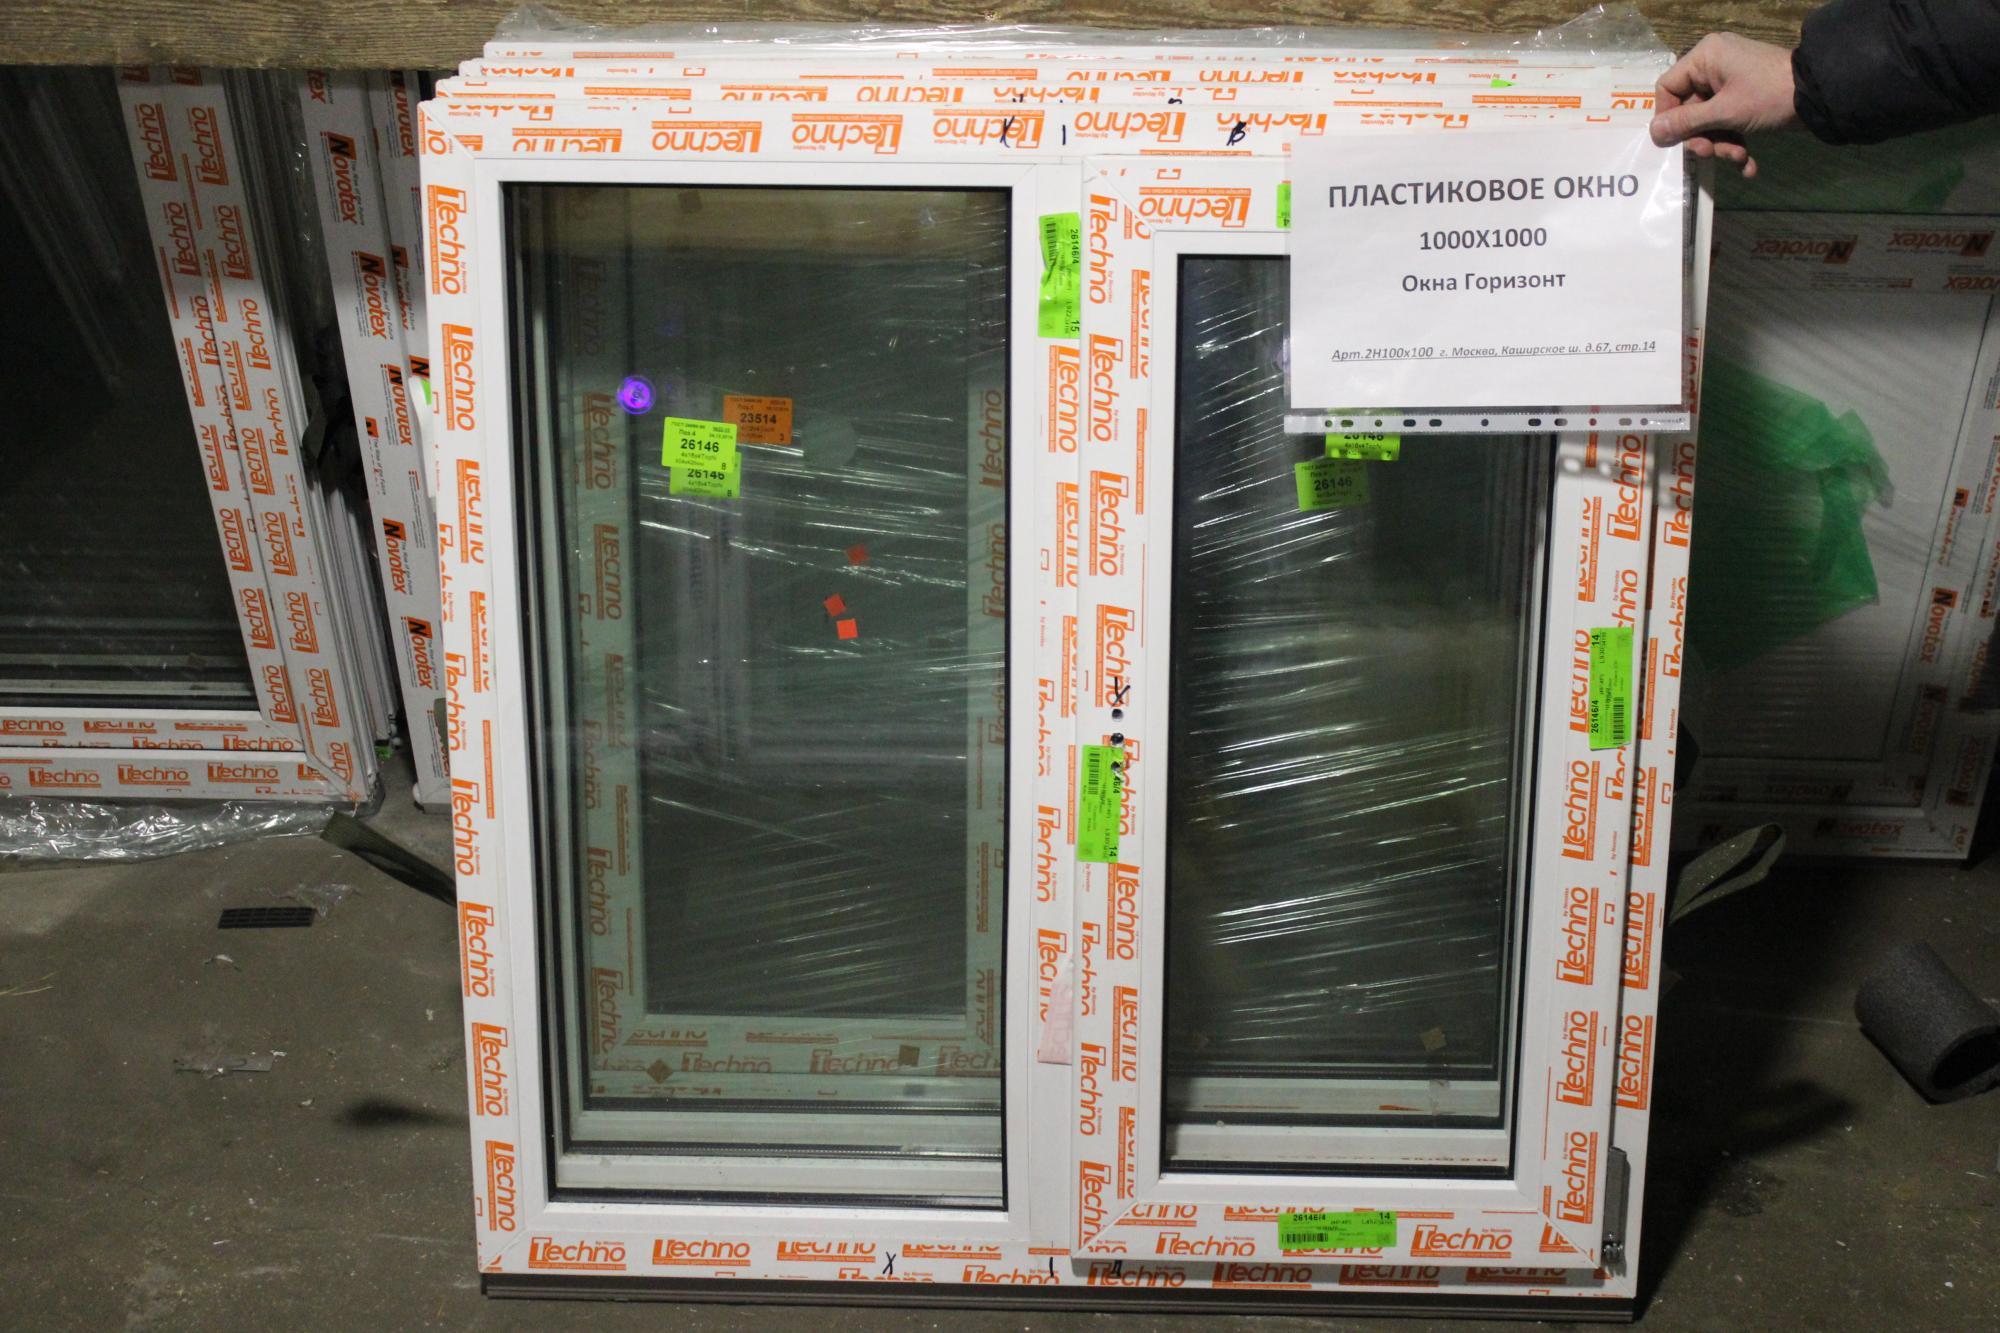 Готовое окно двухстворчатое 1000x1000 (ШxВ) в Москве 89253899134 купить 1